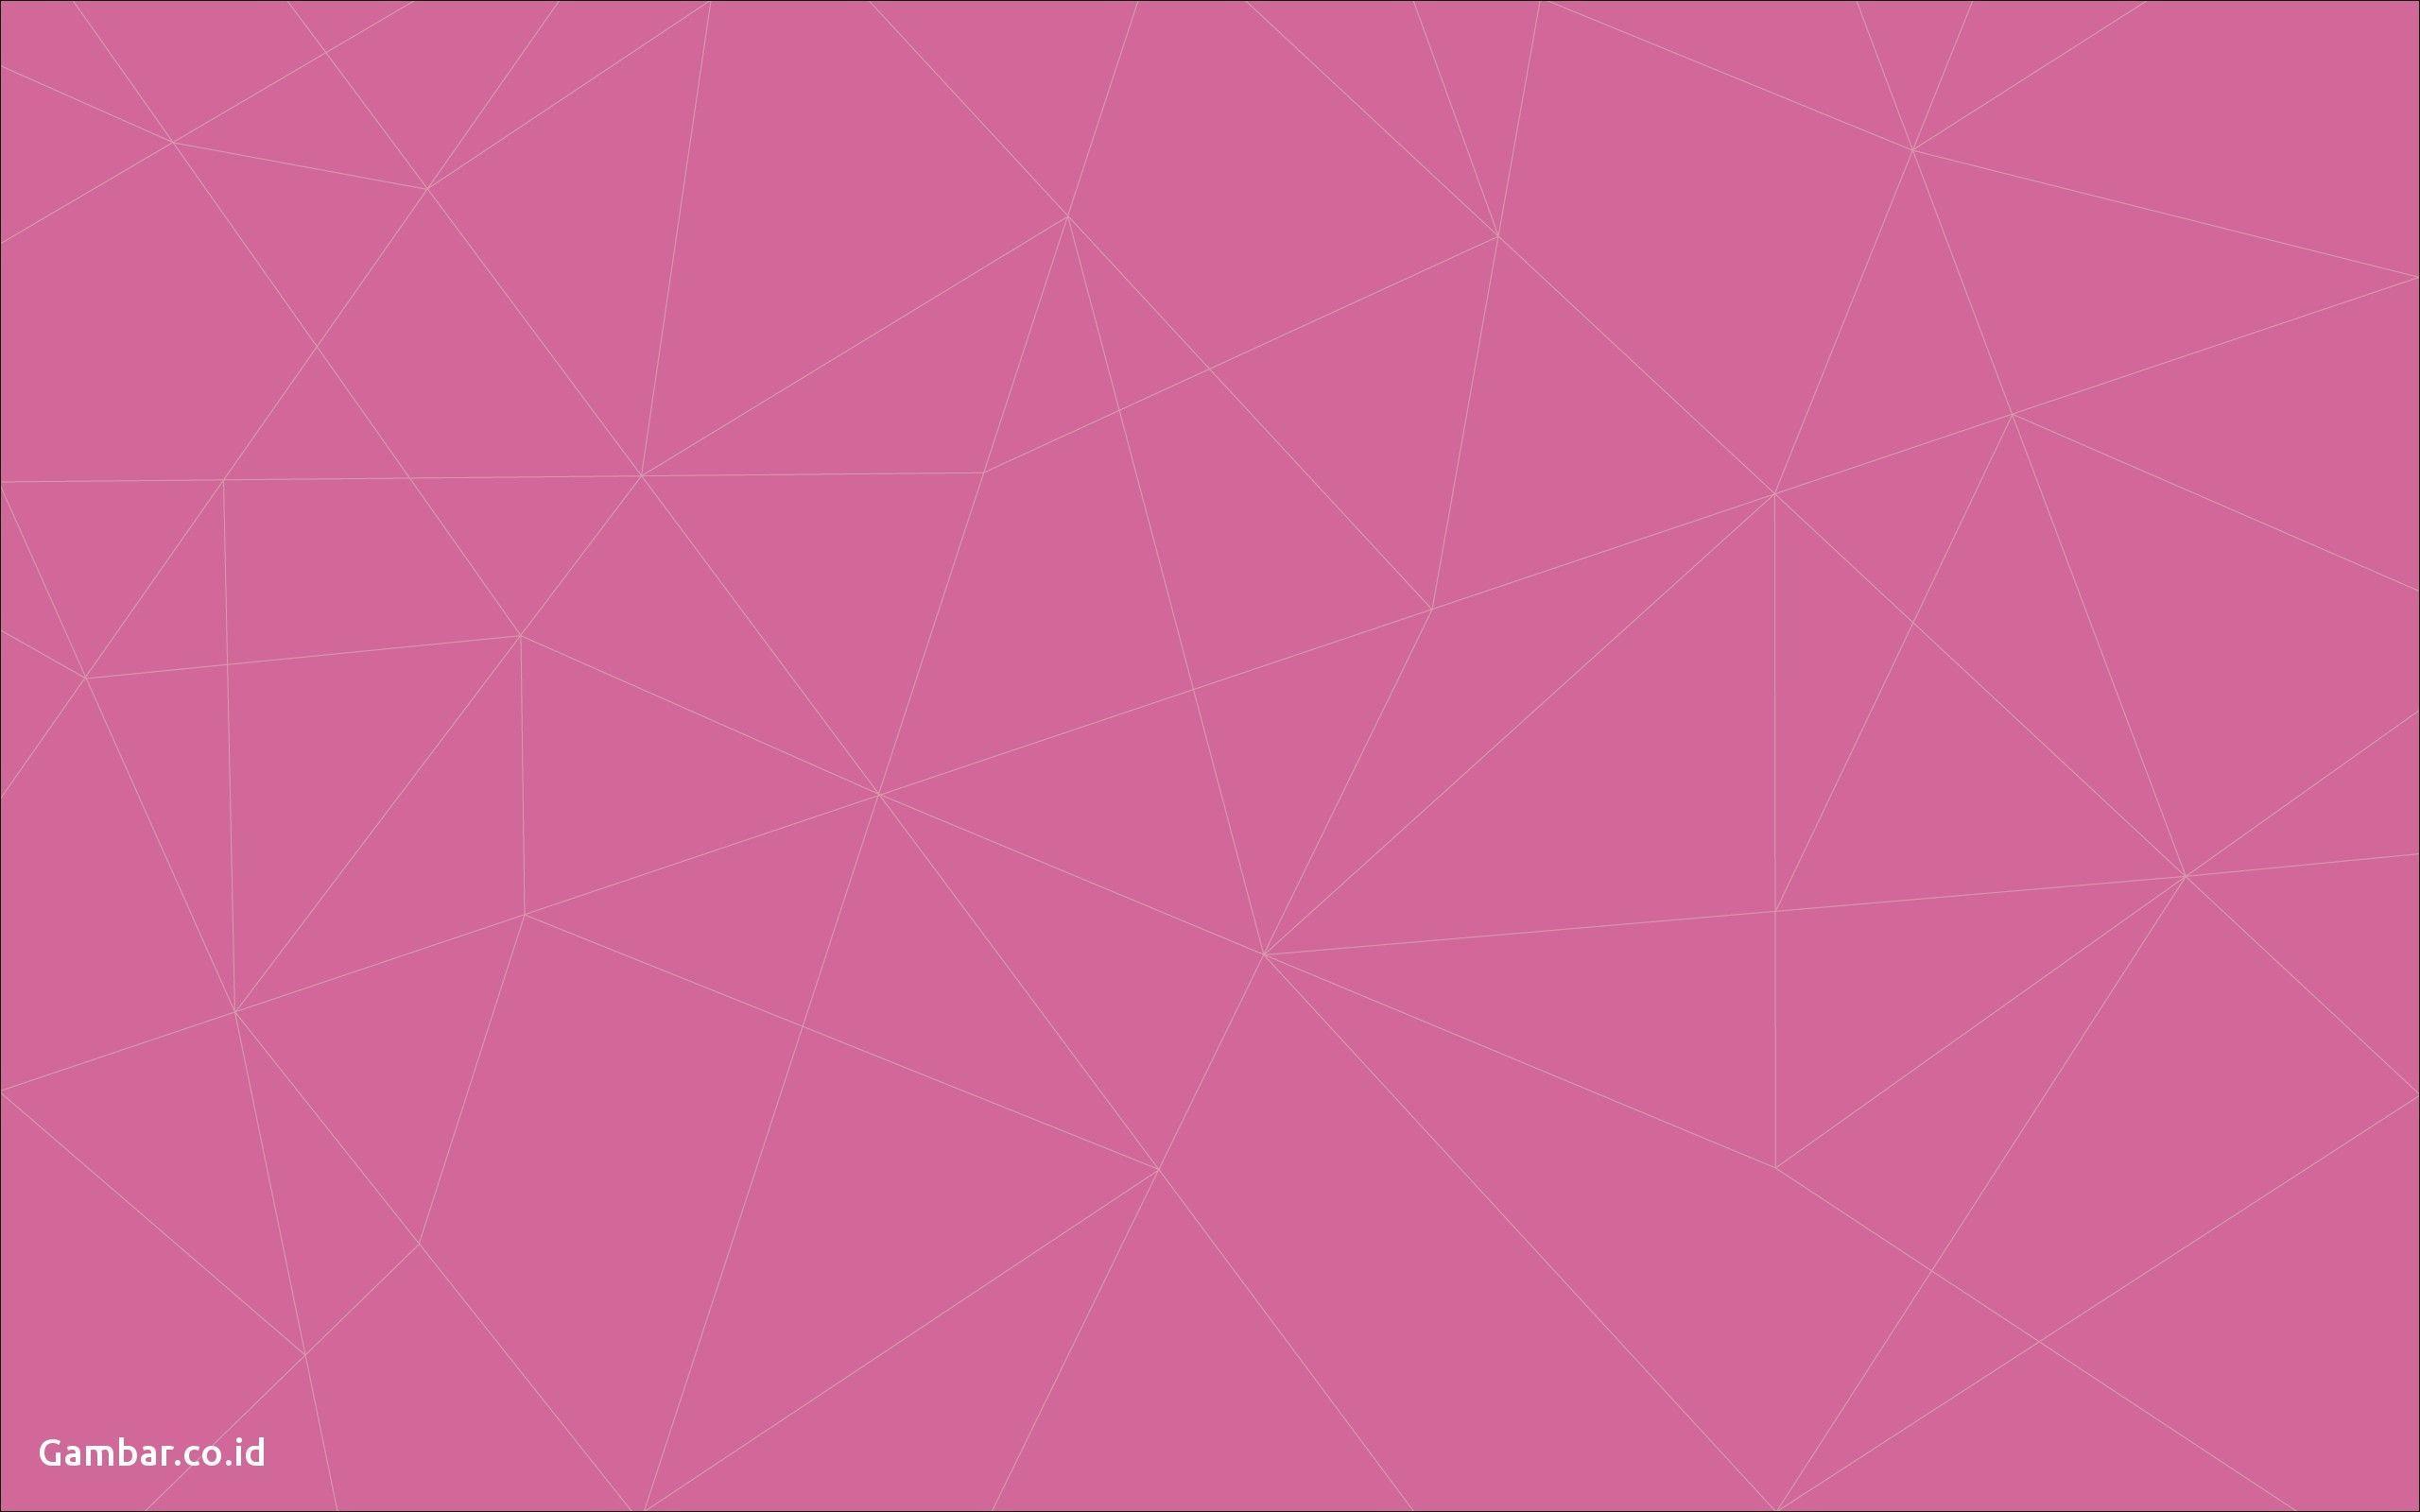 Gambar Wallpaper Warna Pink Polos